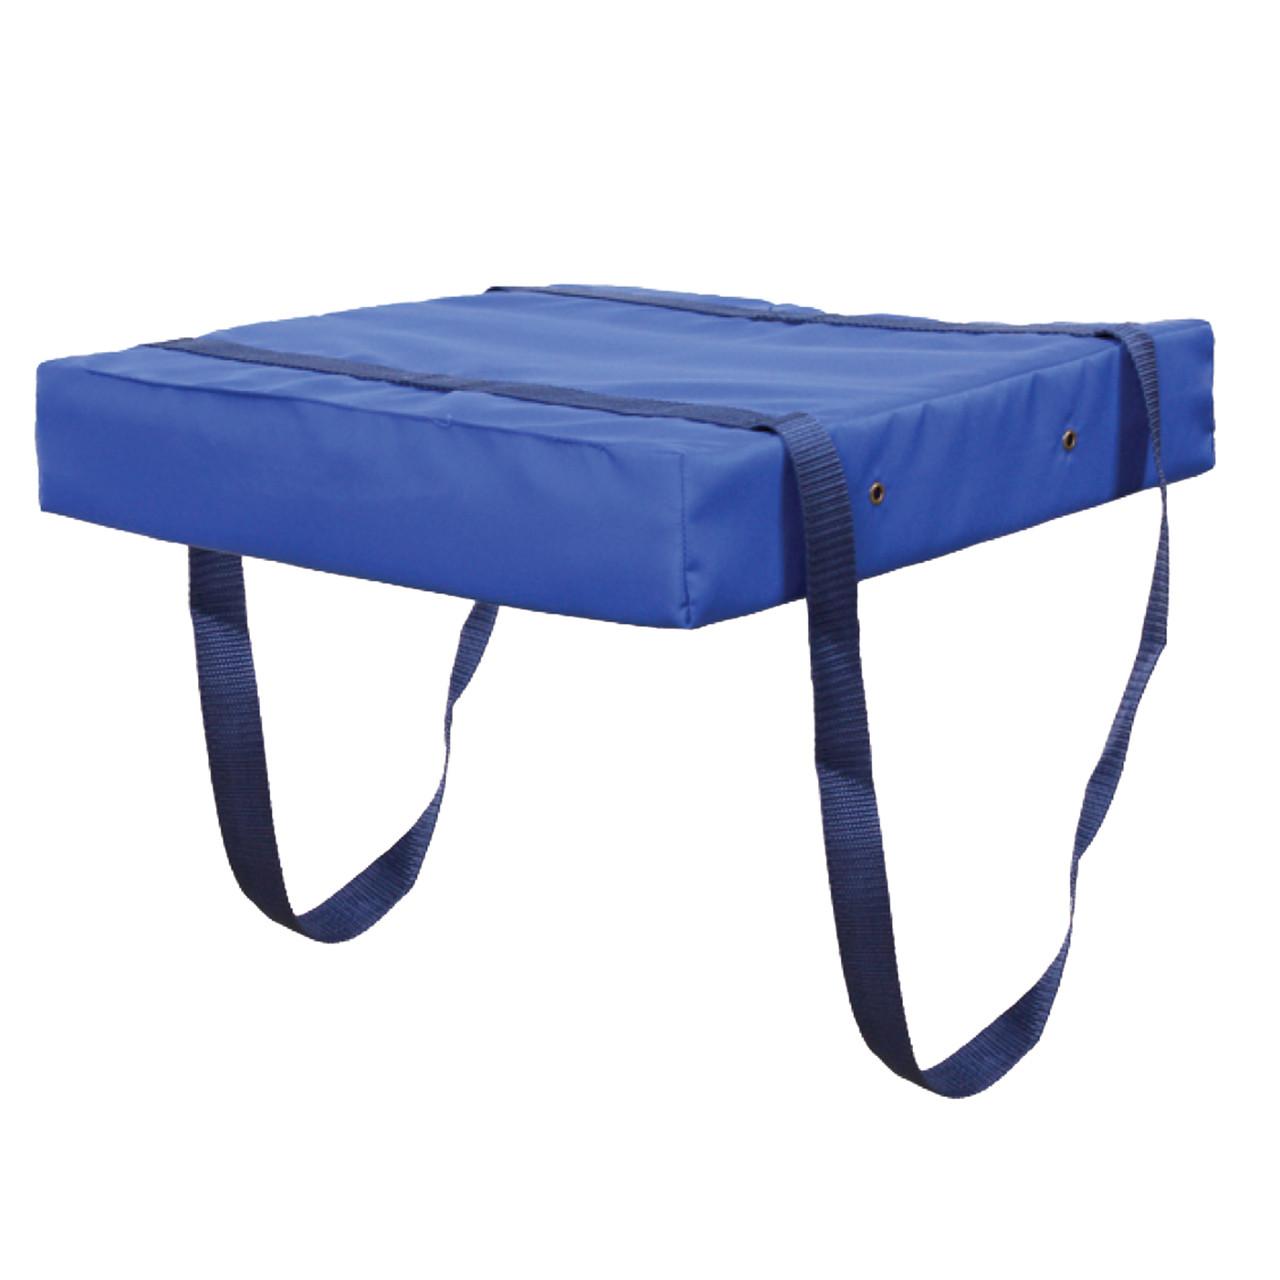 X2O Boat Cushion, Blue